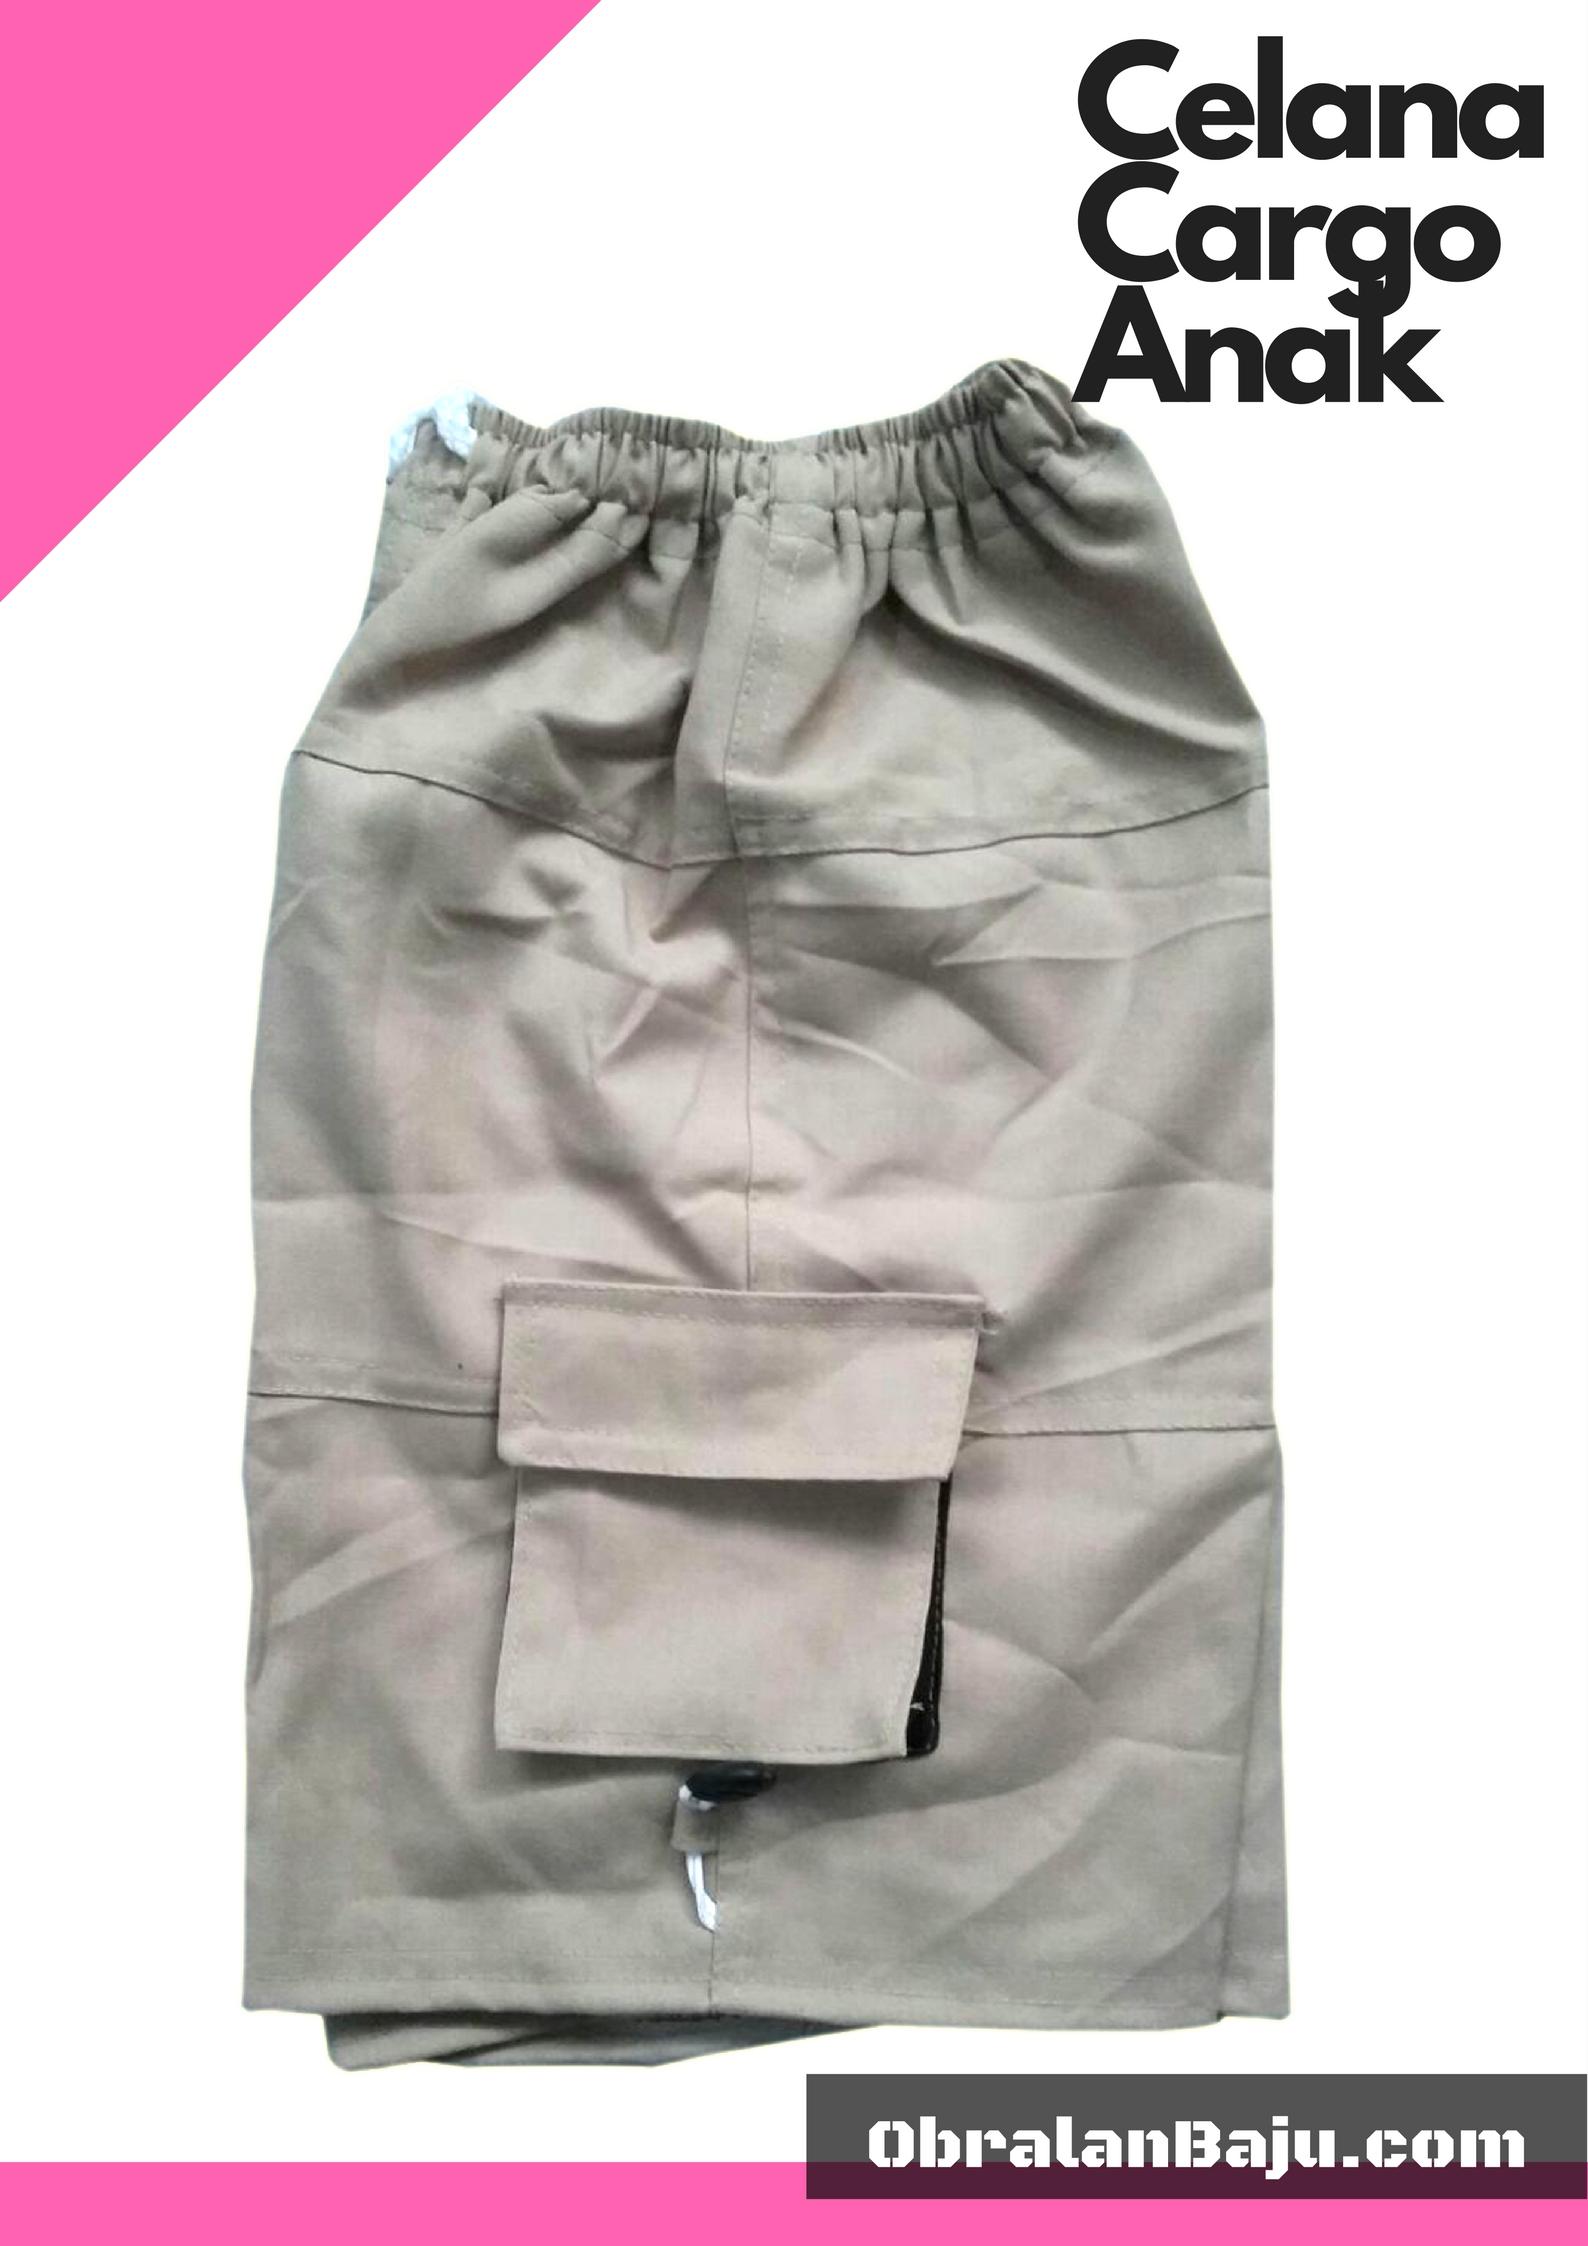 ObralanBaju.com Obral Baju Pakaian Murah Meriah 5000 Celana Cargo Anak